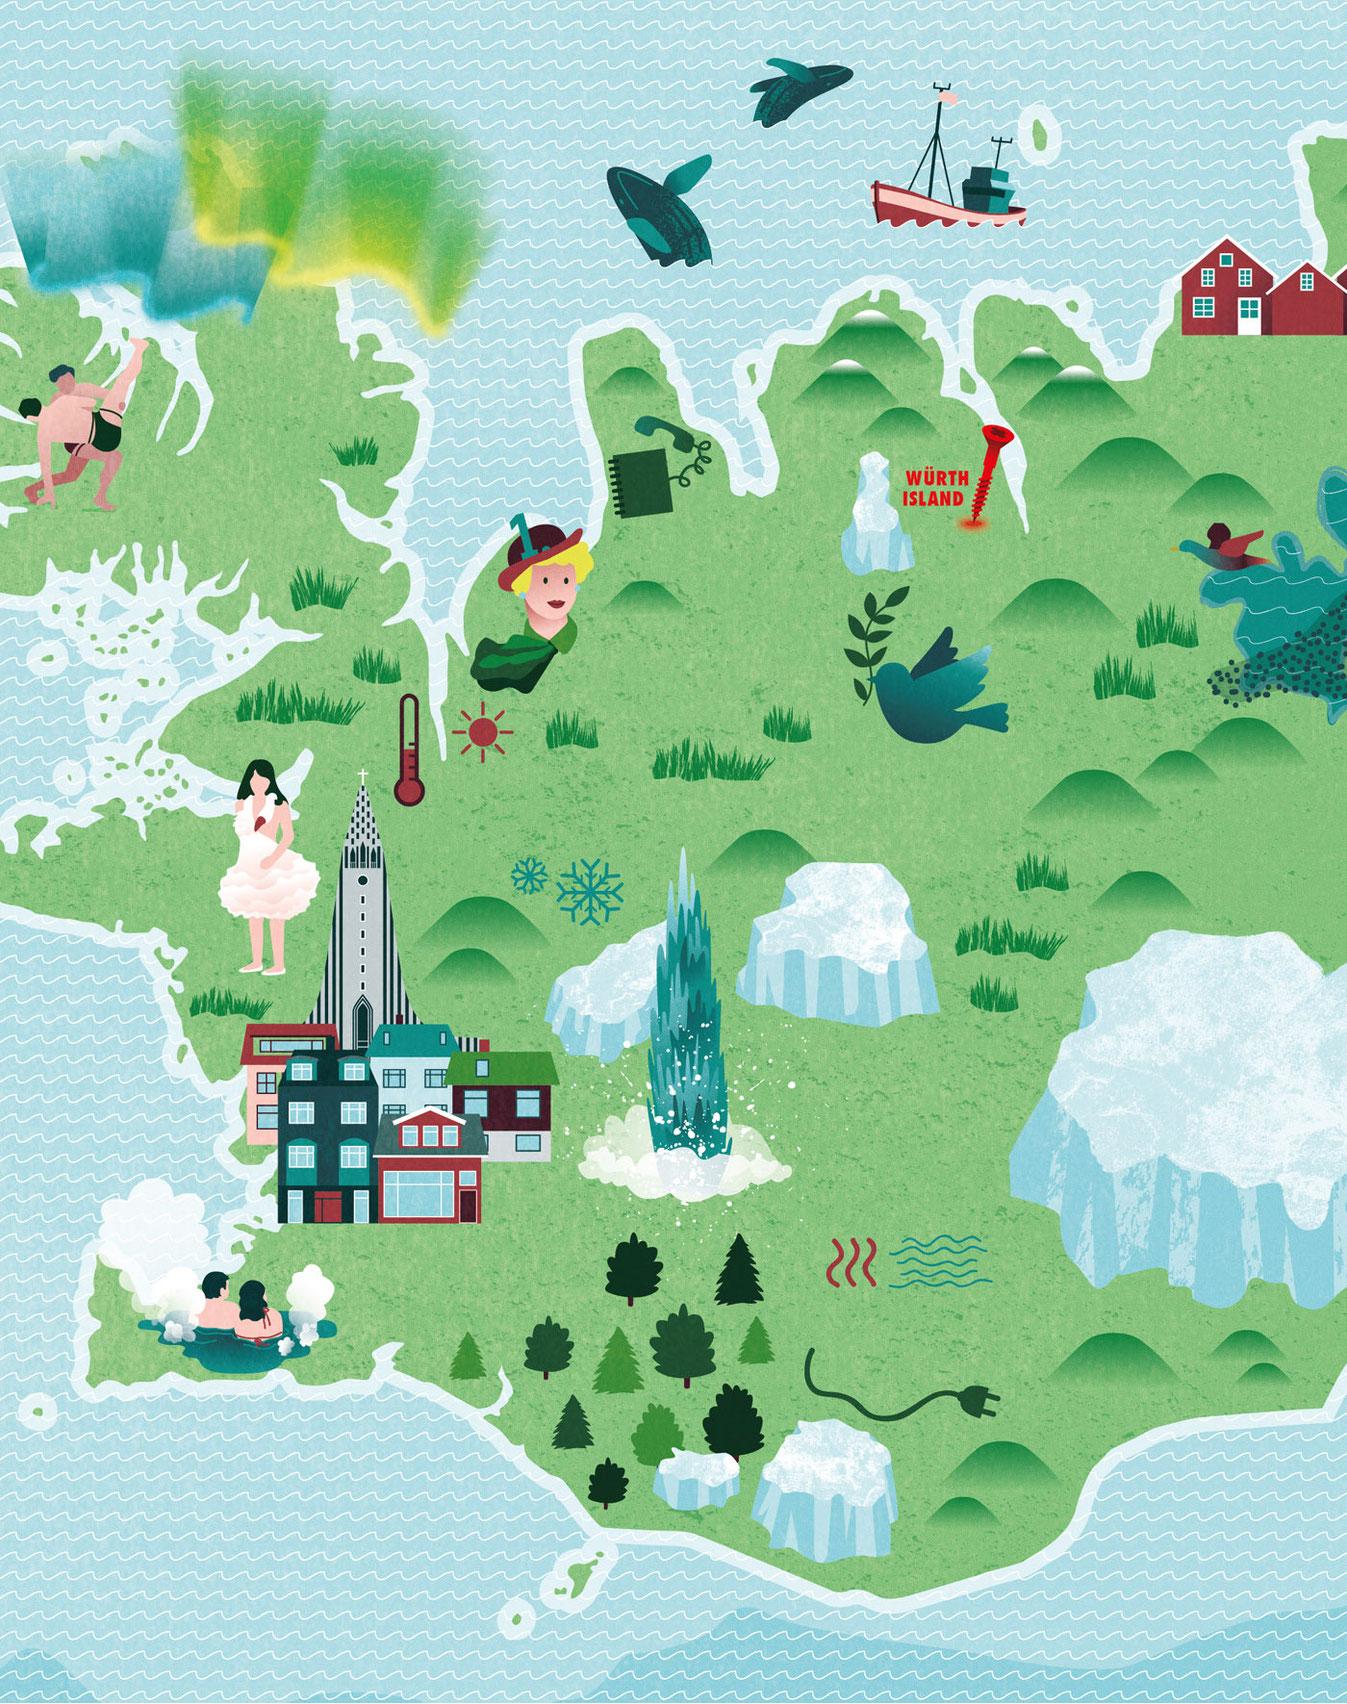 Detailansicht der illustrierten Karte von Island ohne den Text, nur Vektorillustration. Marina Schilling.